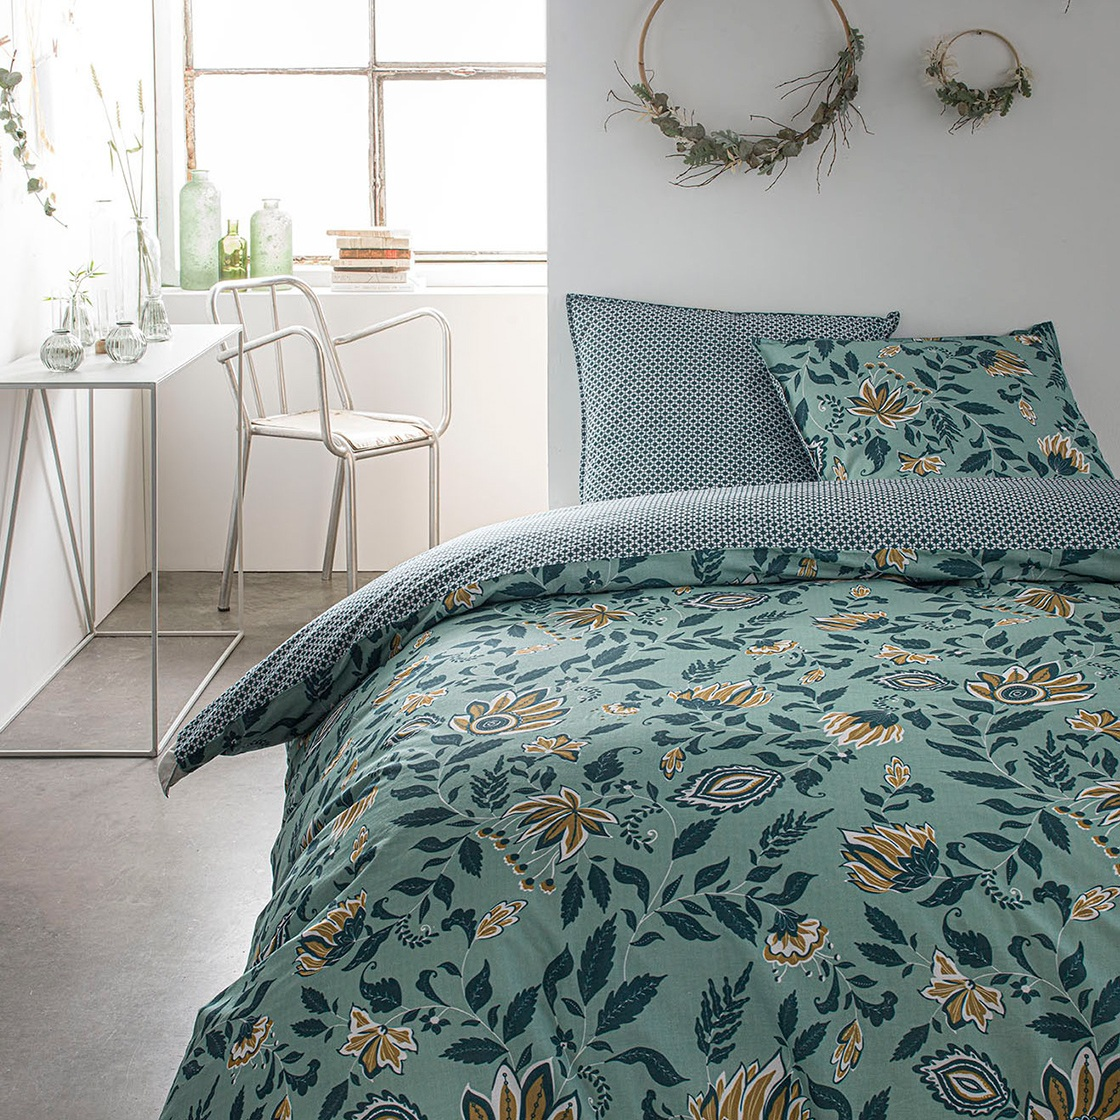 Parure de lit 2 personnes imprimé floral en Coton Vert 220x240 cm